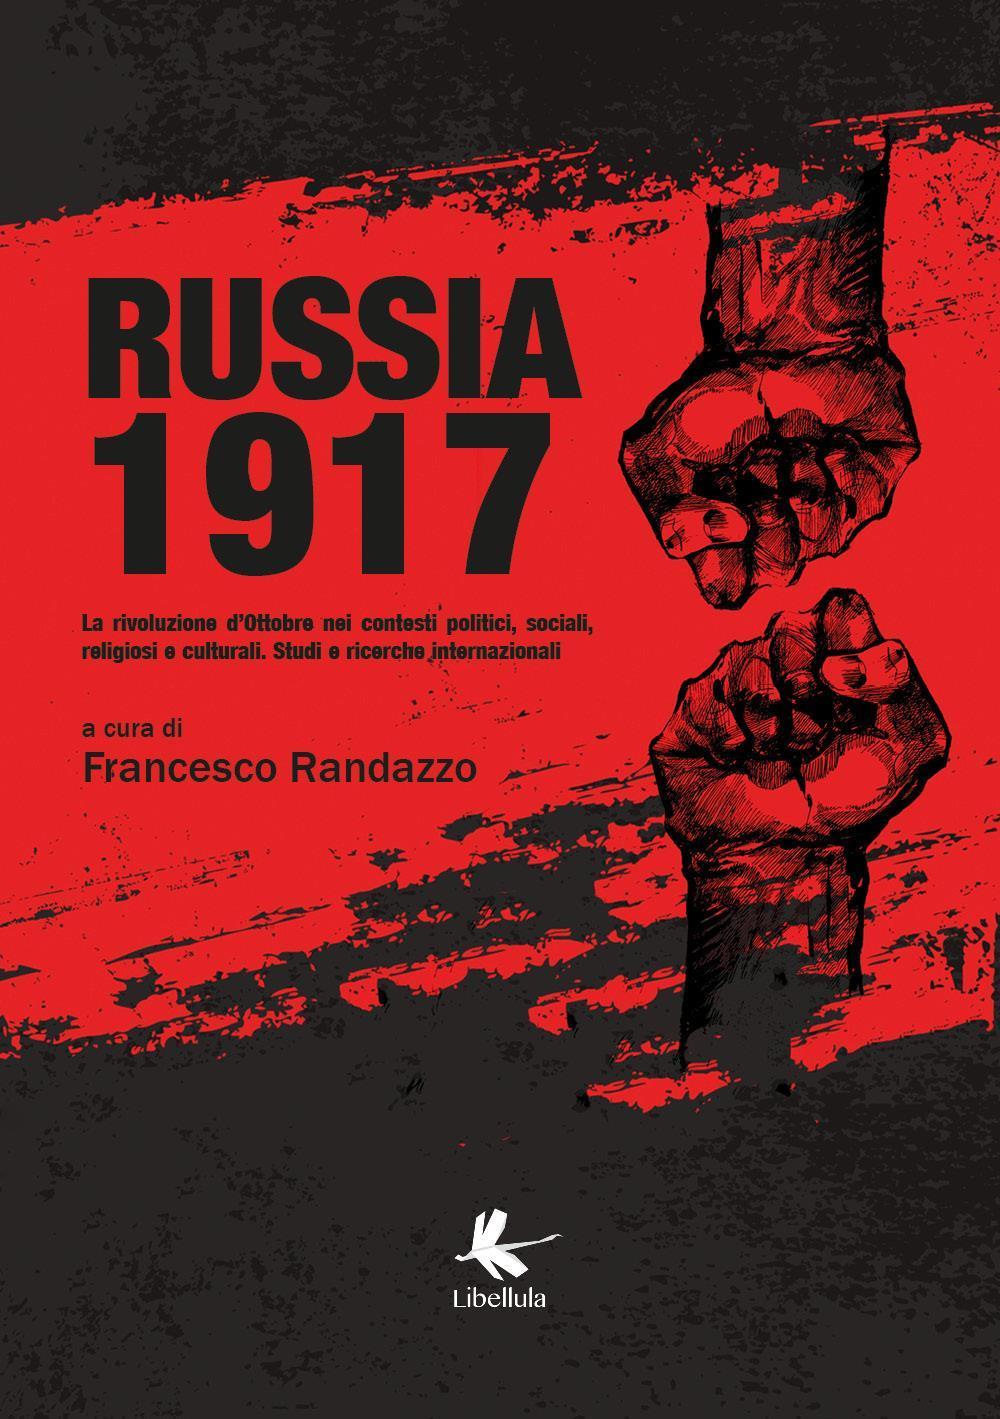 Russia 1917. La rivoluzione d'Ottobre nei contesti politici, sociali, religiosi e culturali. Studi e ricerche internazionali.